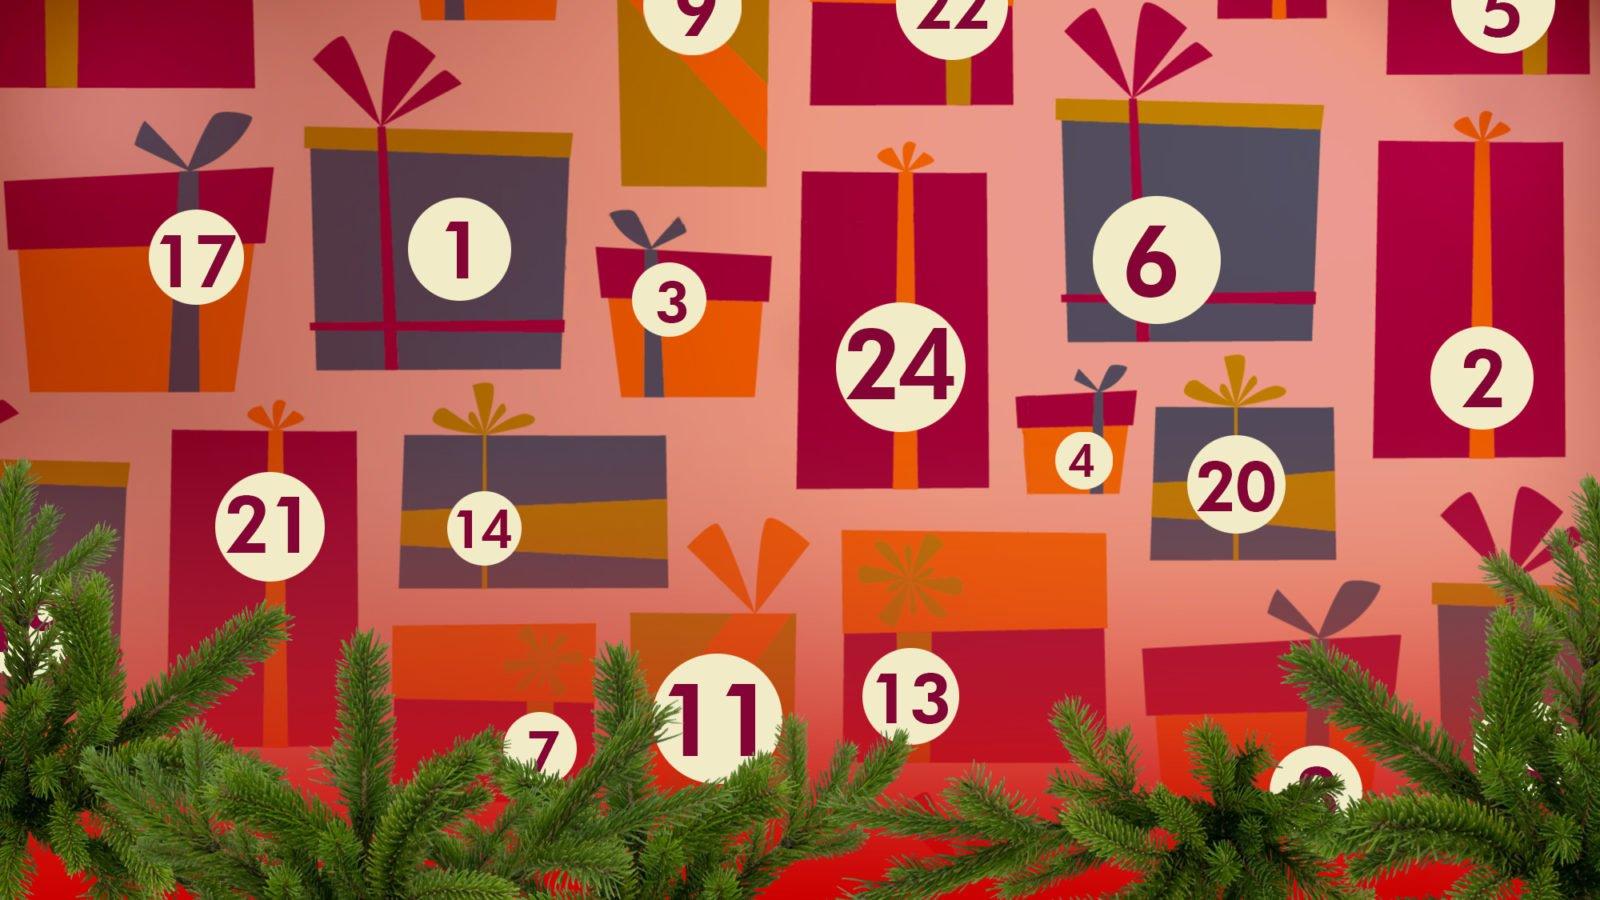 Grafik: Bunte stilisierte Geschenke, die unterschiedlich nummeriert sind, am unteren Bildrand Tannenzweige